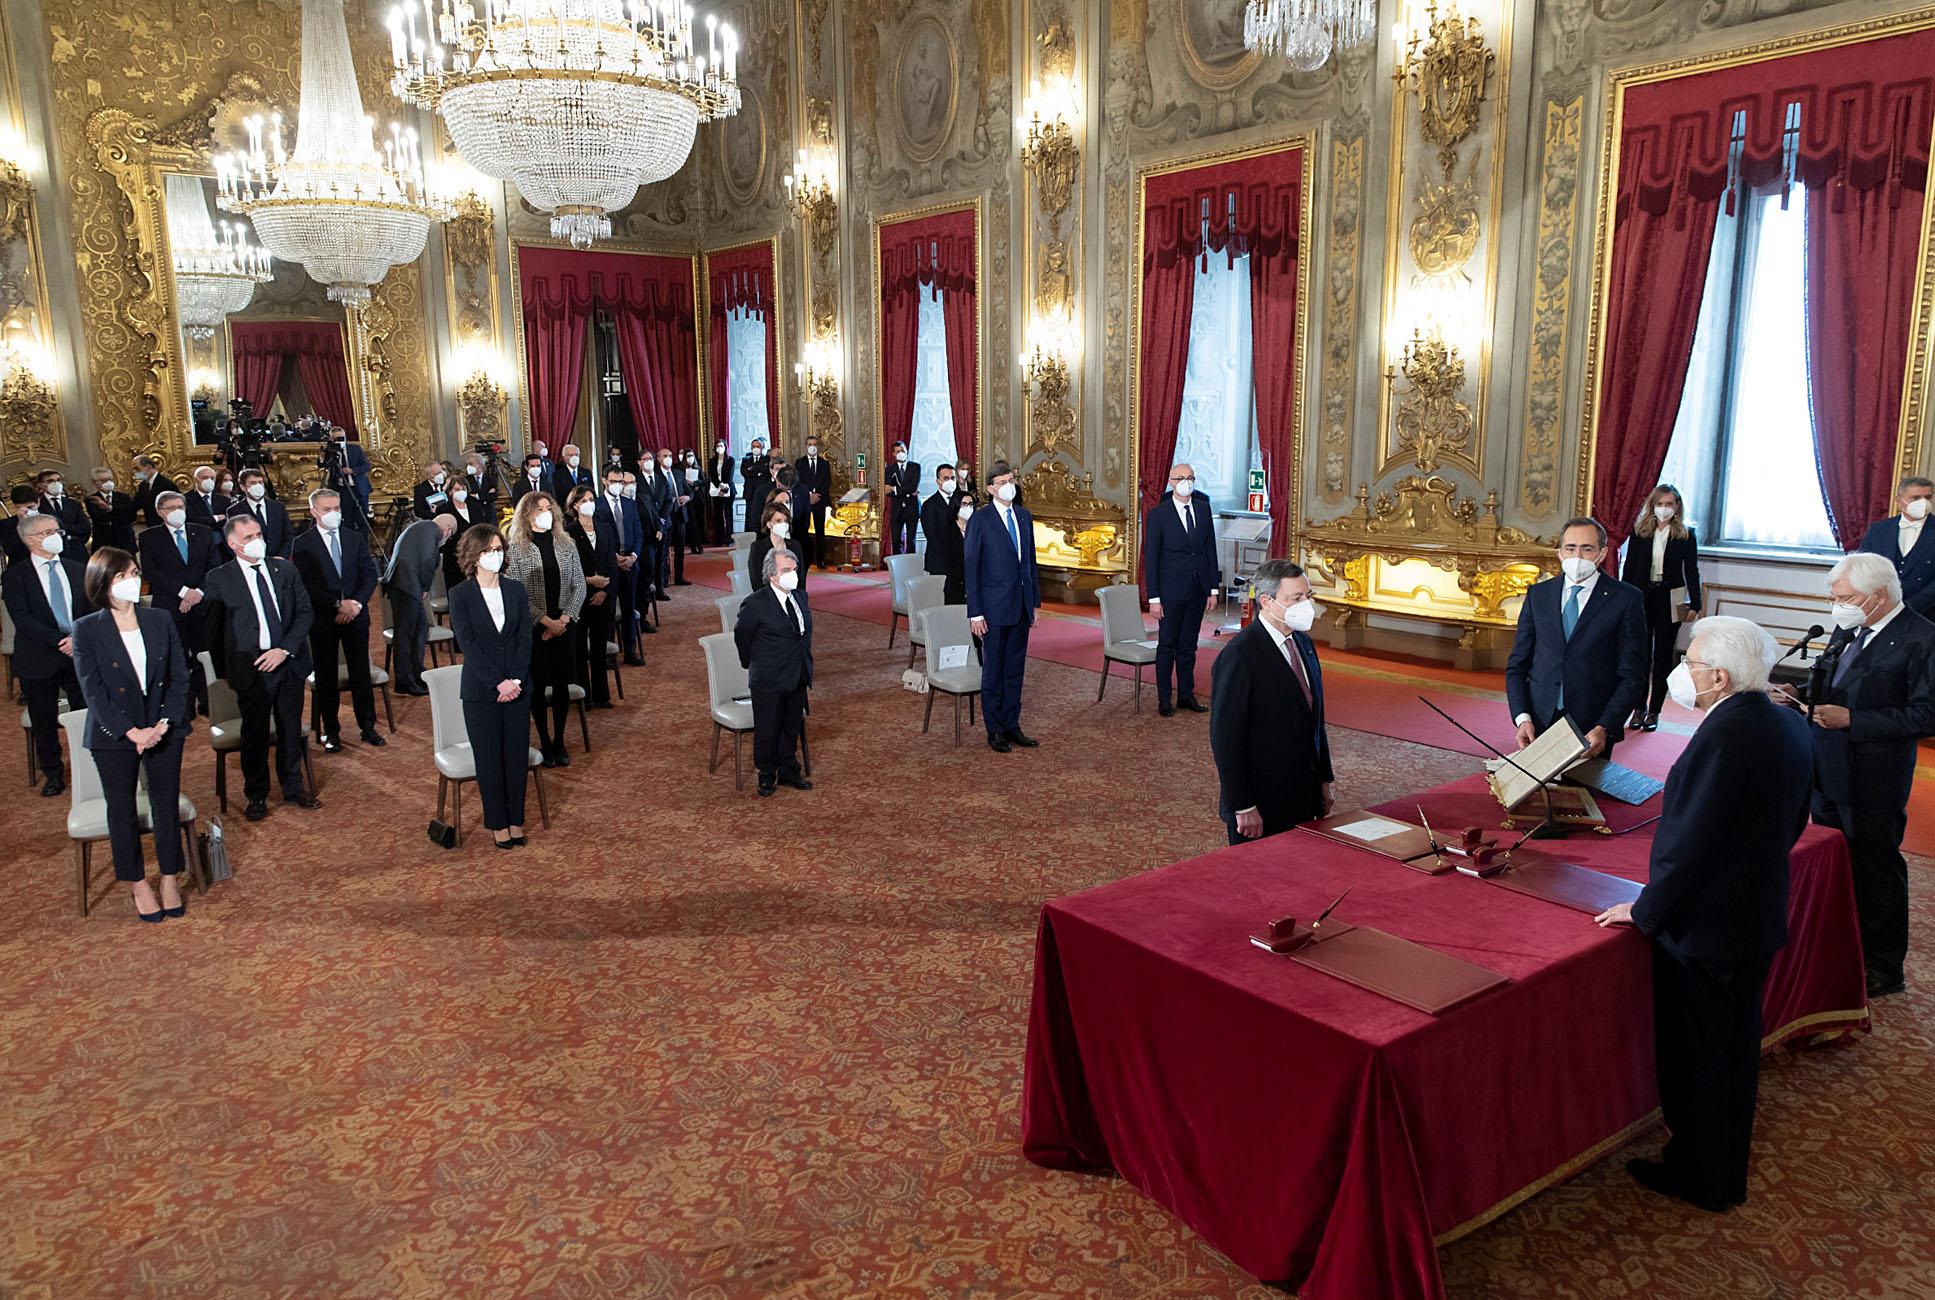 Ιταλία: Ορκίστηκε η κυβέρνηση Ντράγκι – Απολυμάνθηκε μέχρι και το χρυσό στυλό των υπογραφών